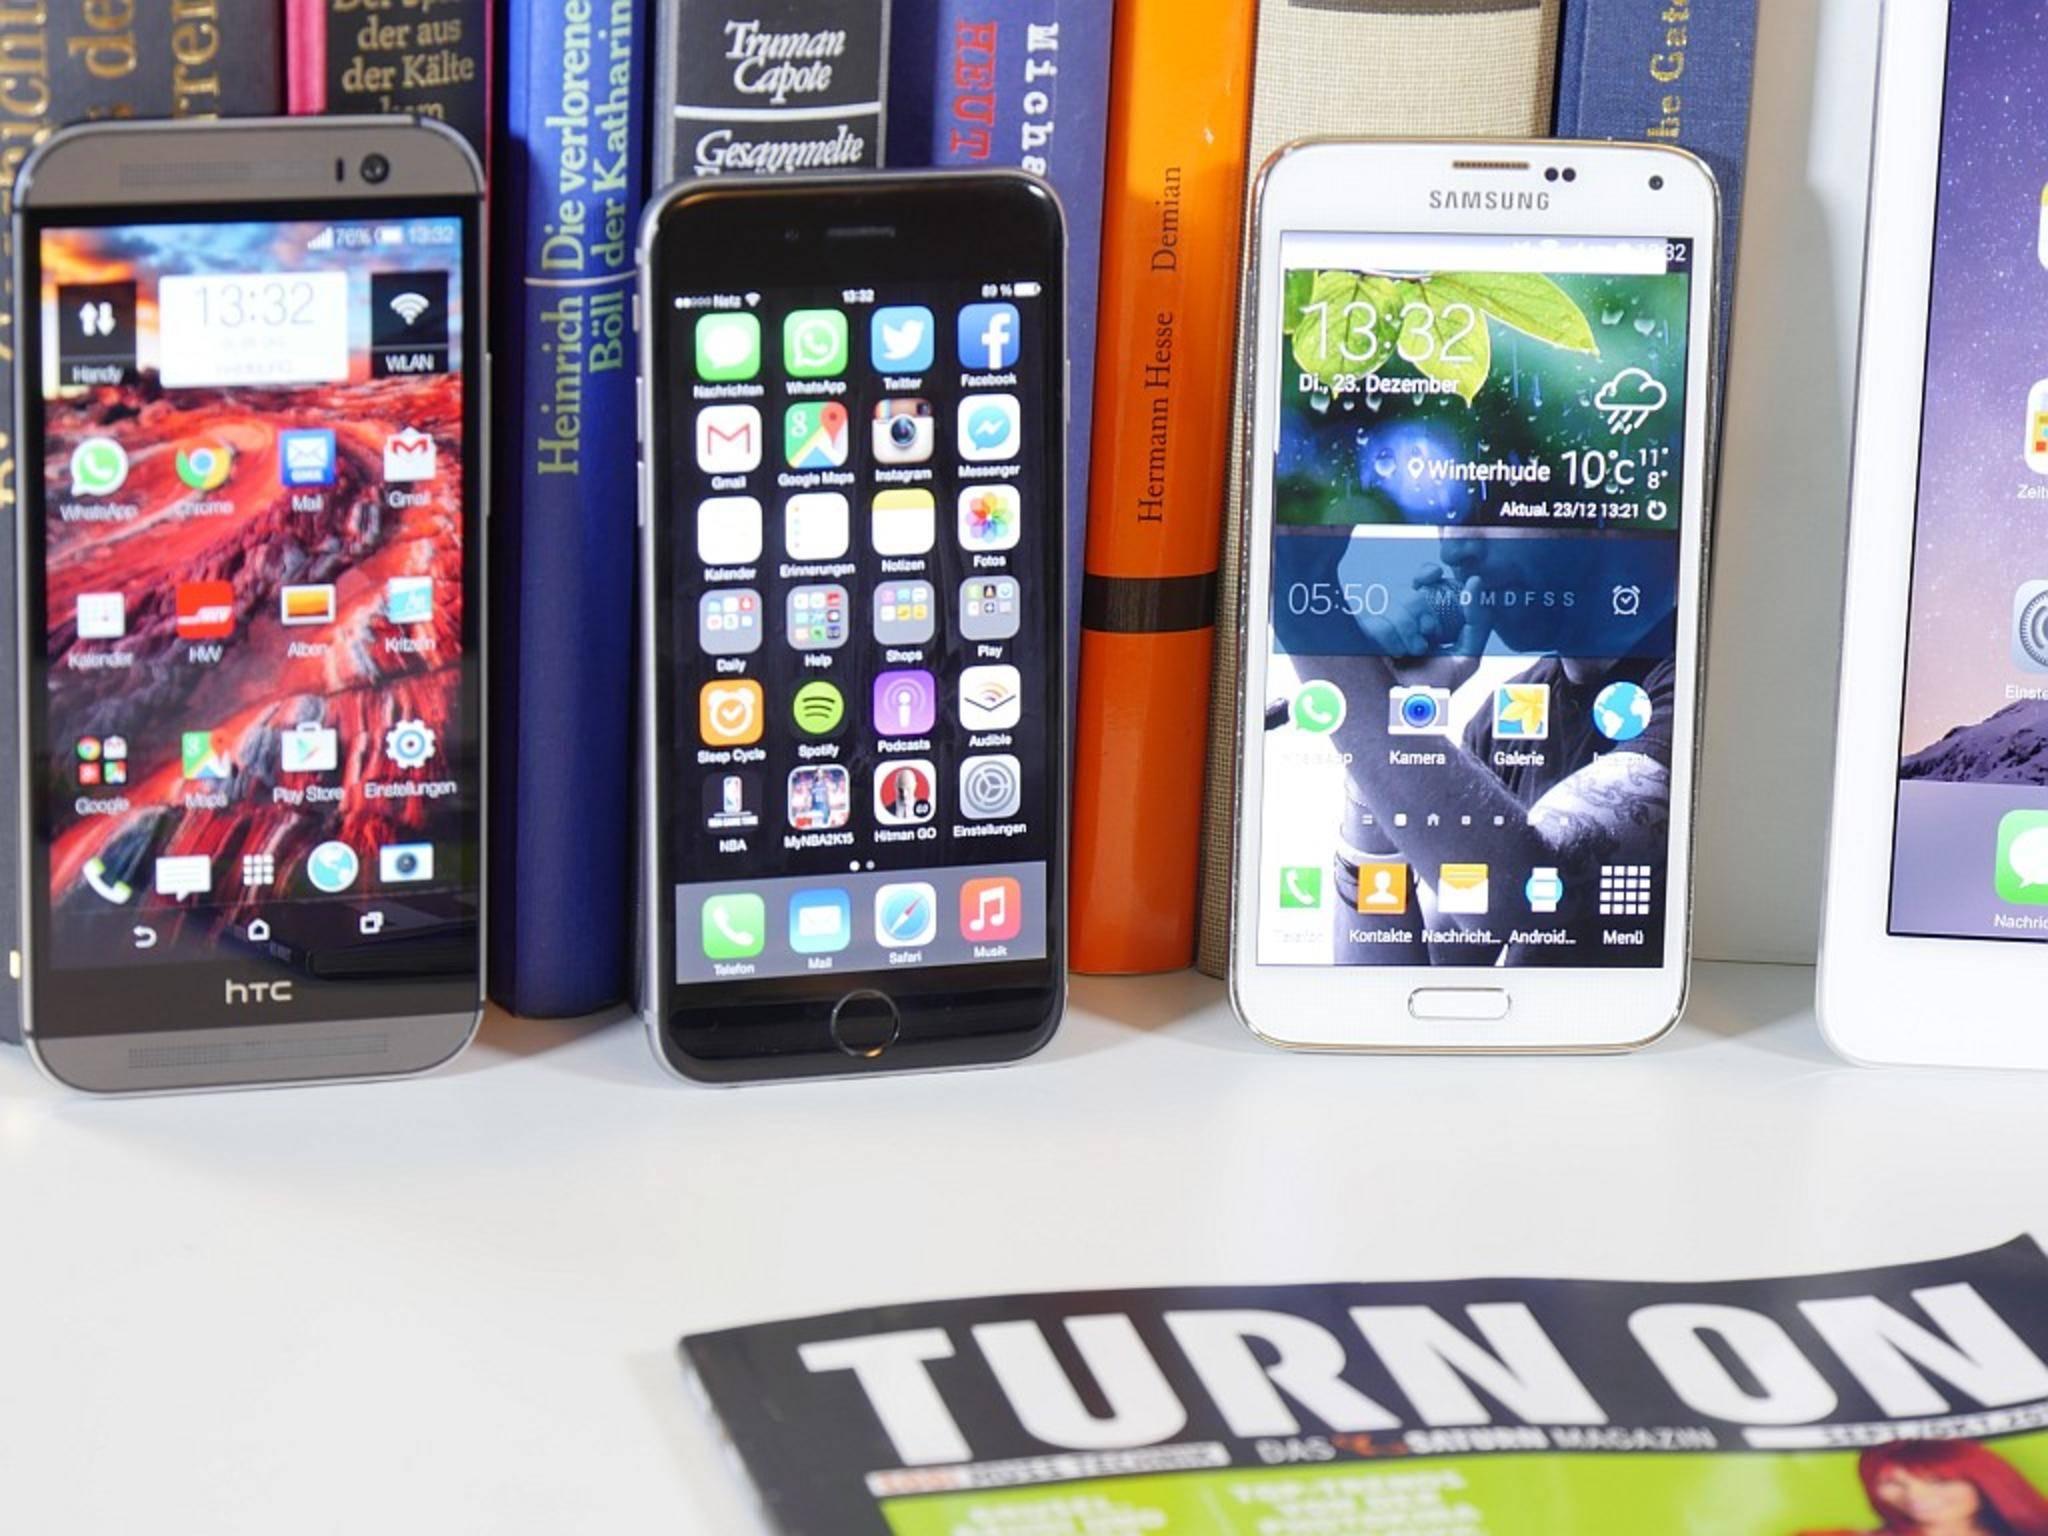 Das iPhone hat im vergangenen Quartal rekordmäßig viele Android-User zum Wechsel bewegt.